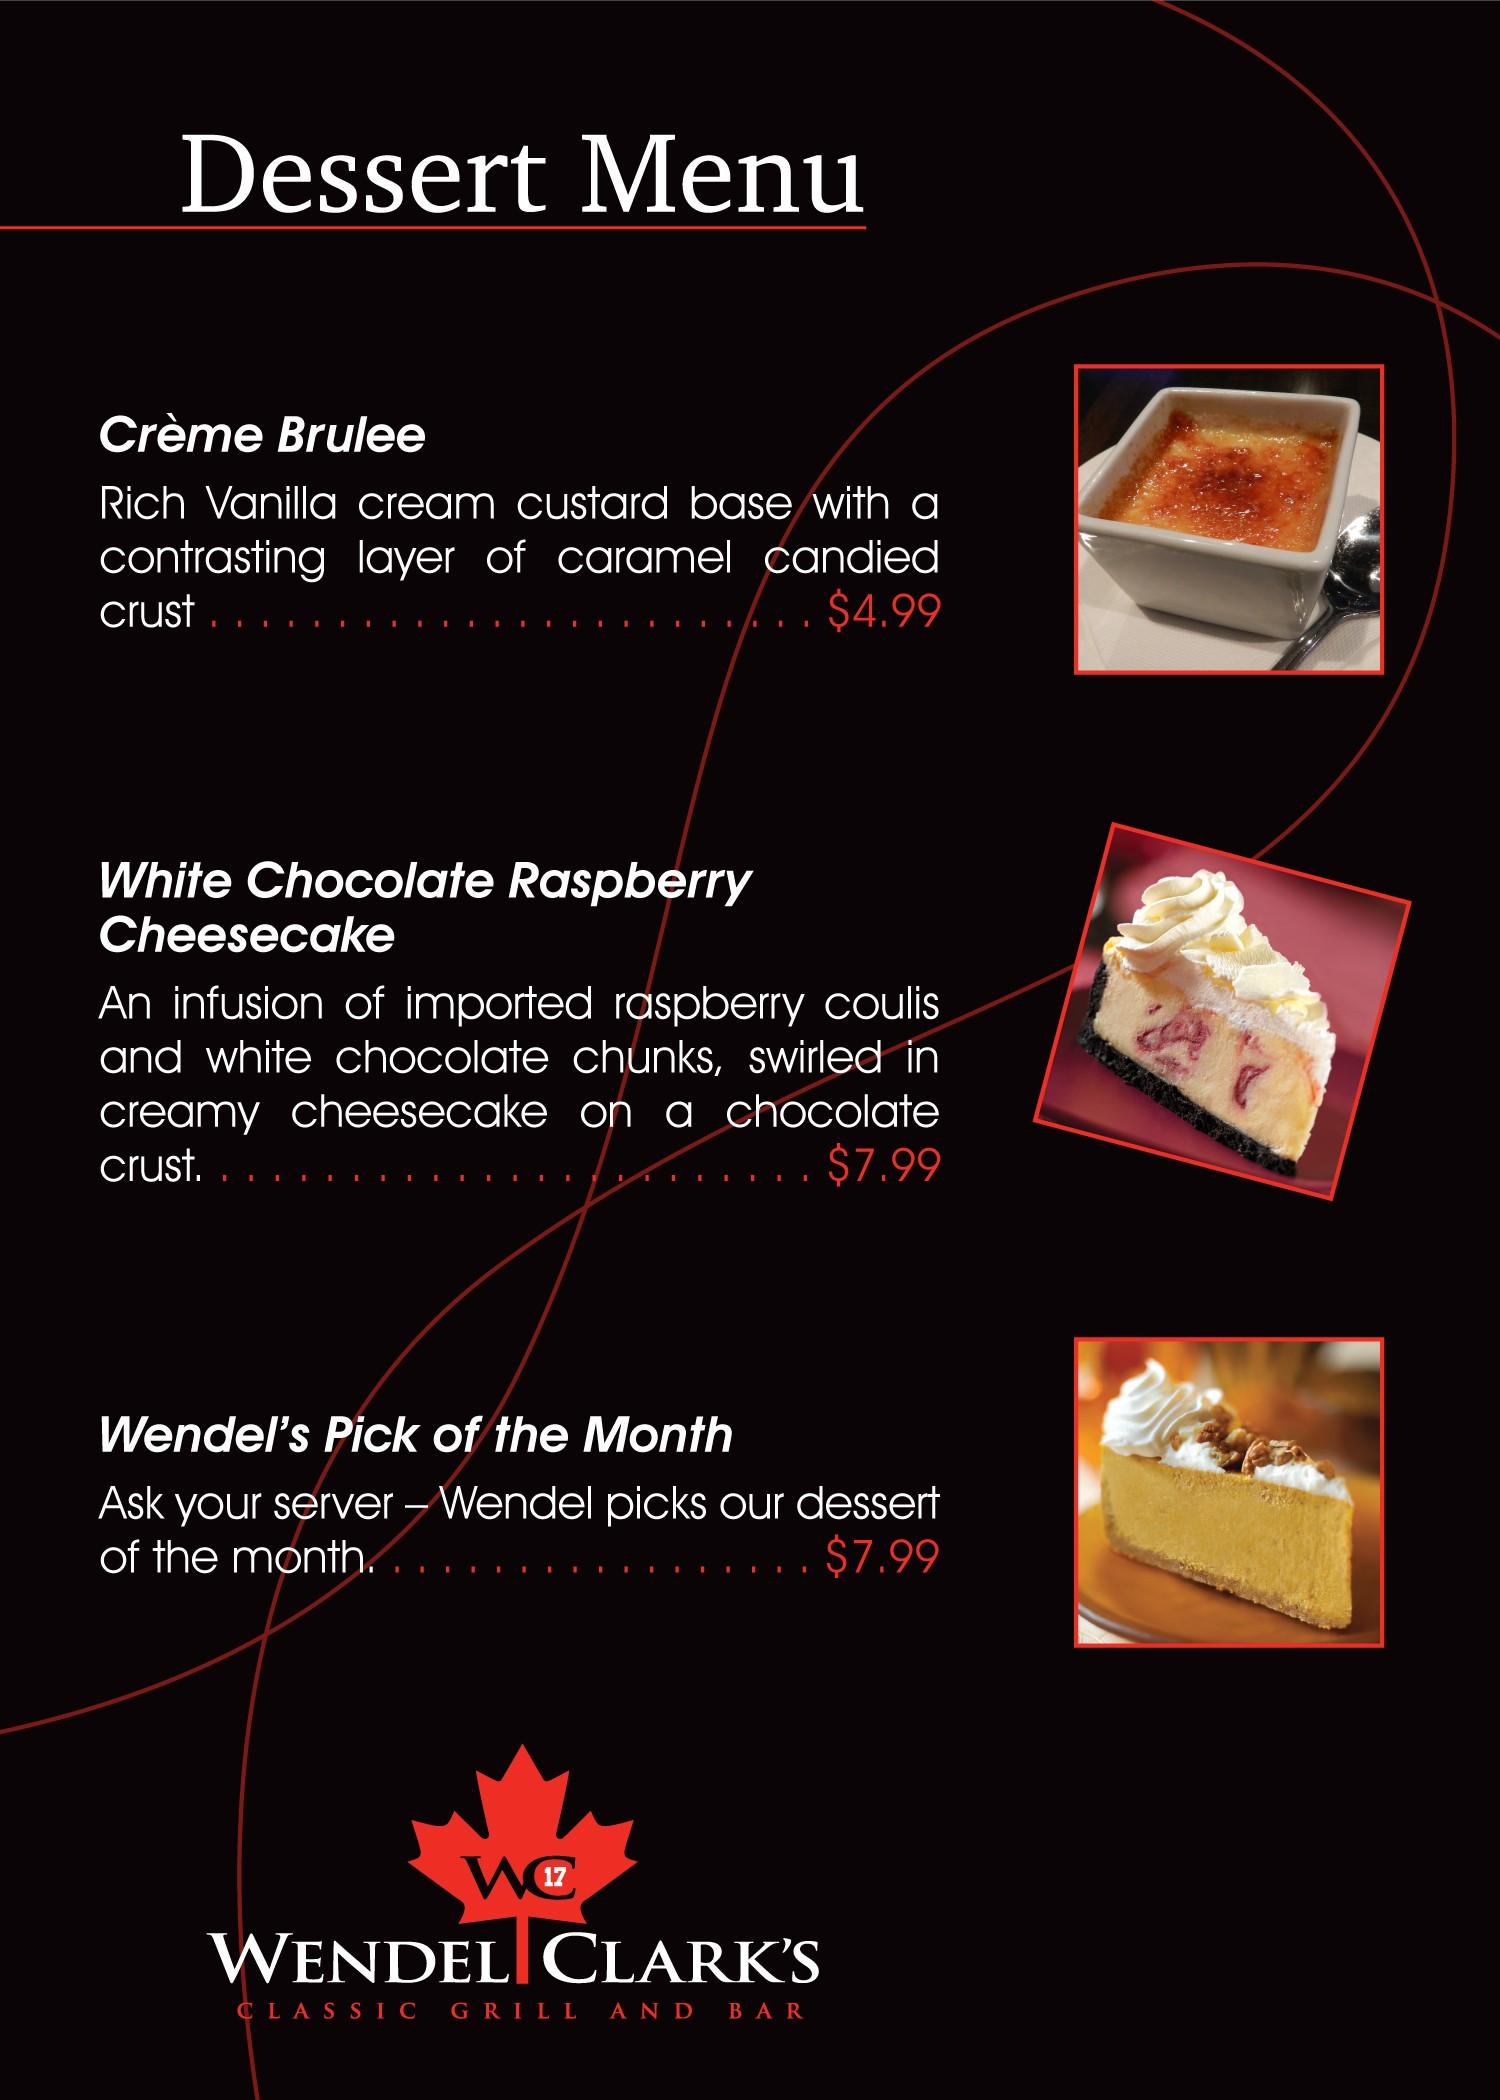 Wendel Clark's Dessert Menu: Page 2